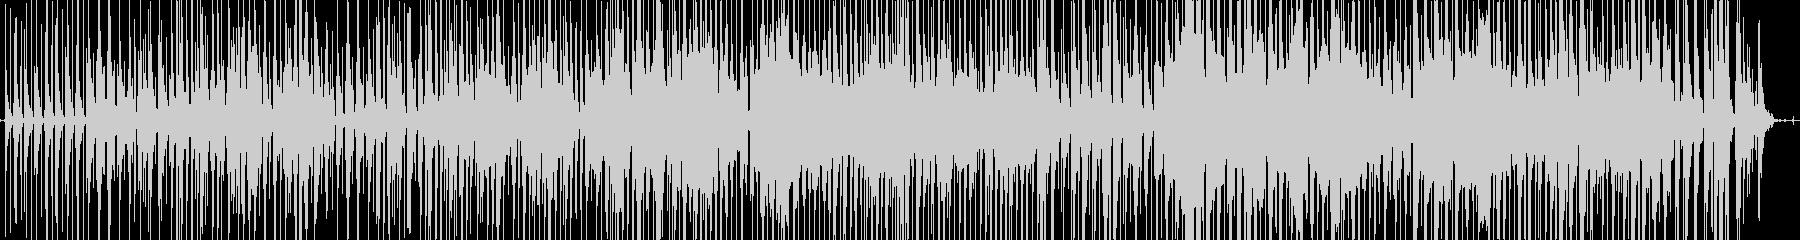 ウクレレと鍵盤ハーモニカのアレンジの未再生の波形